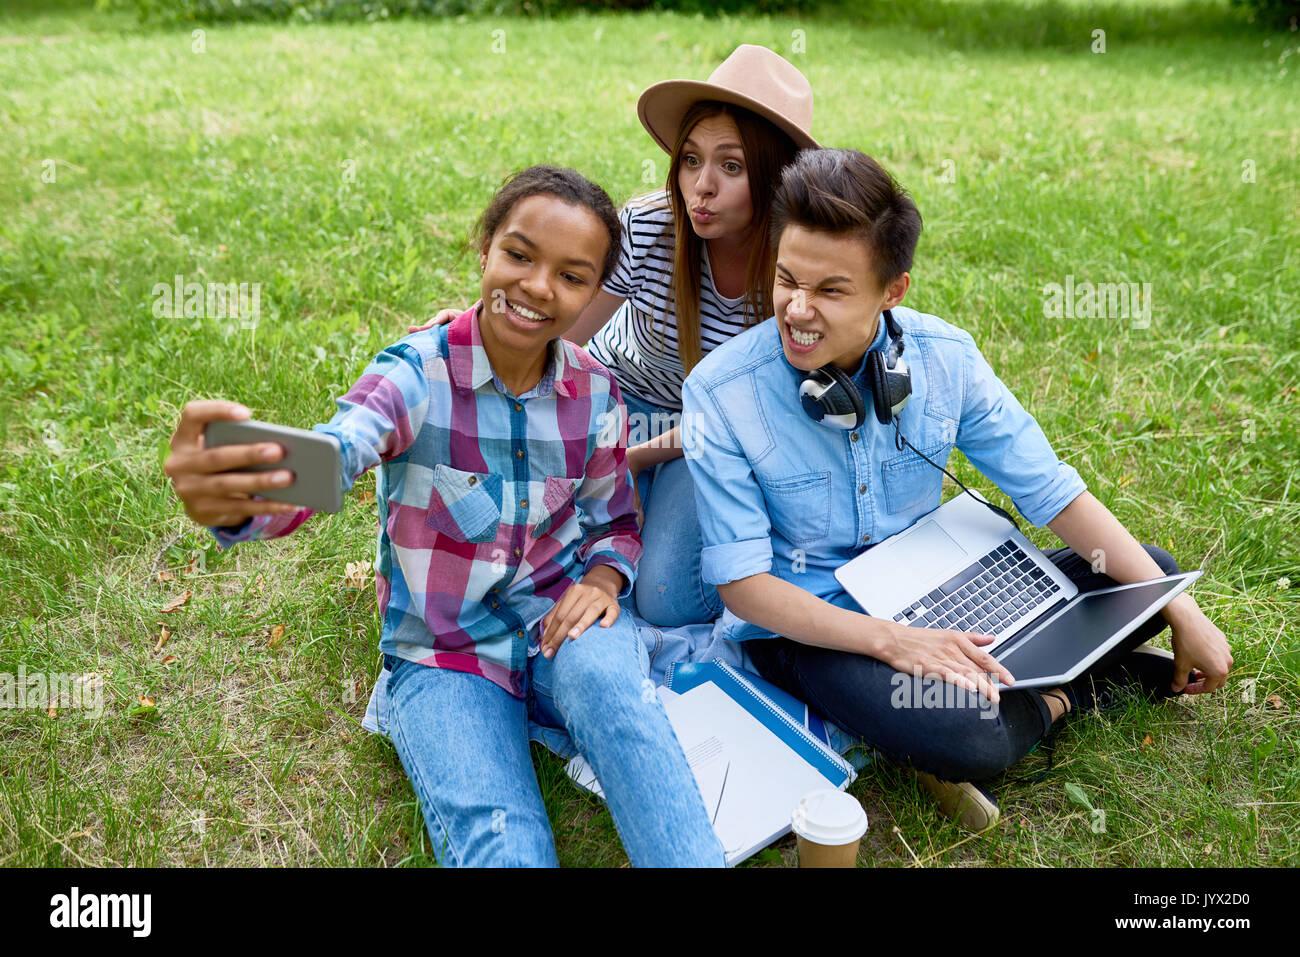 Grimacing Teenagers Taking Selfie in Park - Stock Image